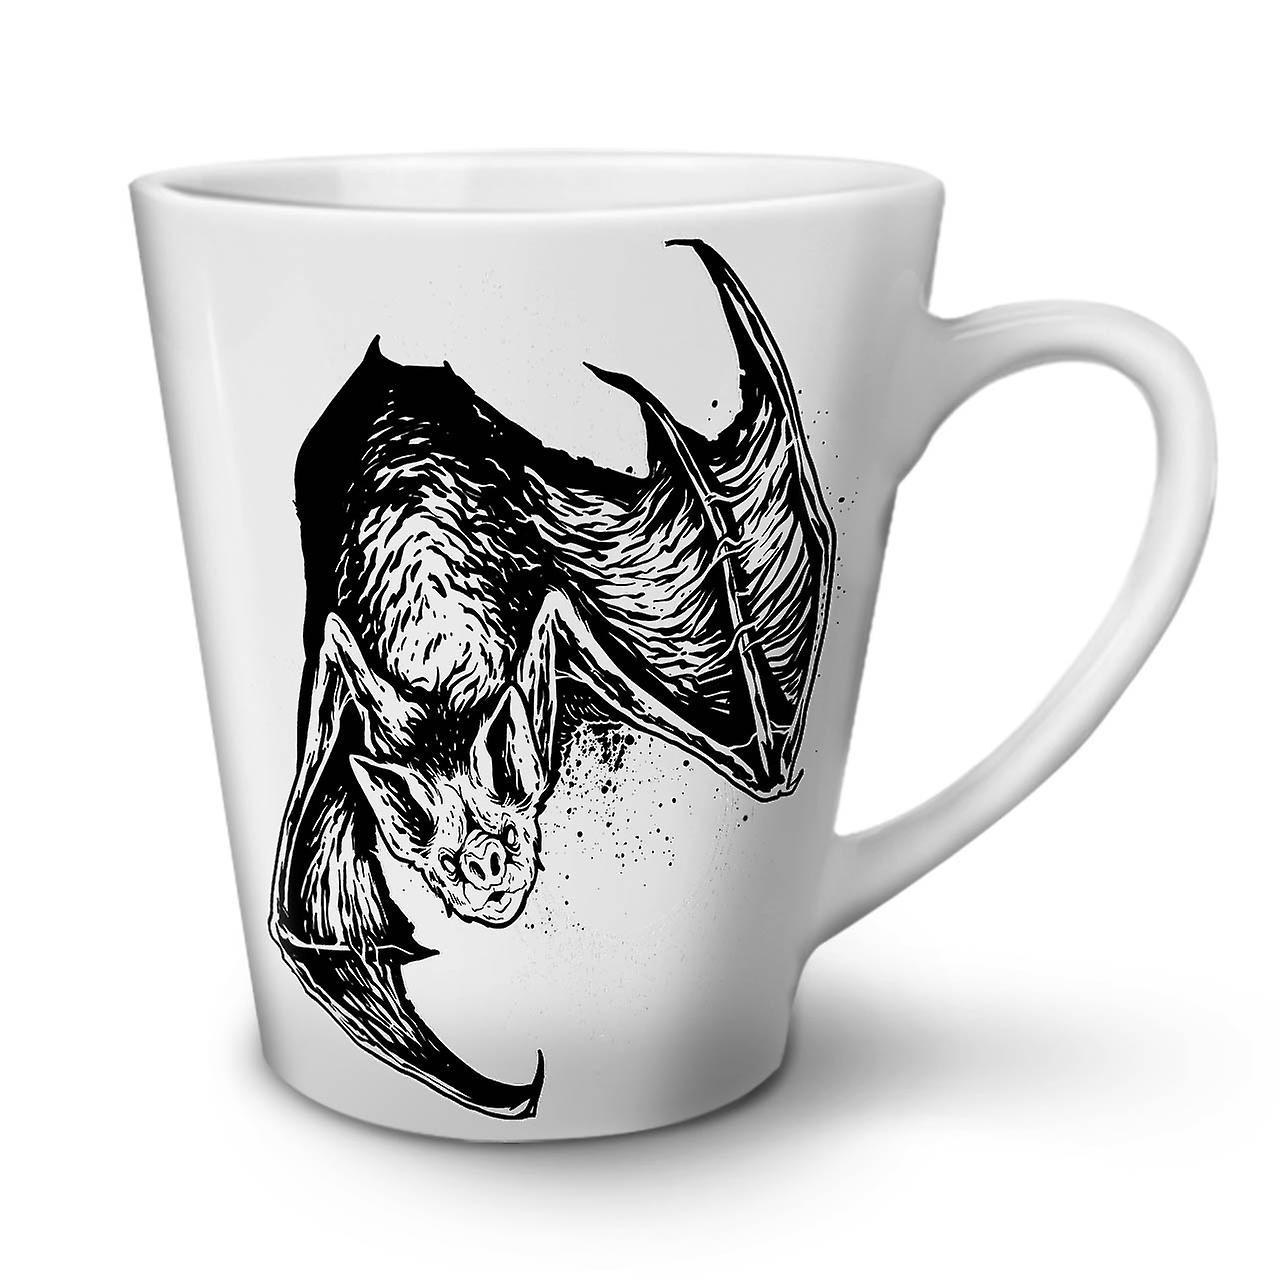 12 Céramique Blanche Latte Tasse OzWellcoda Animal Café En Bat Nuit Nouvelle Bête 9IEH2WD